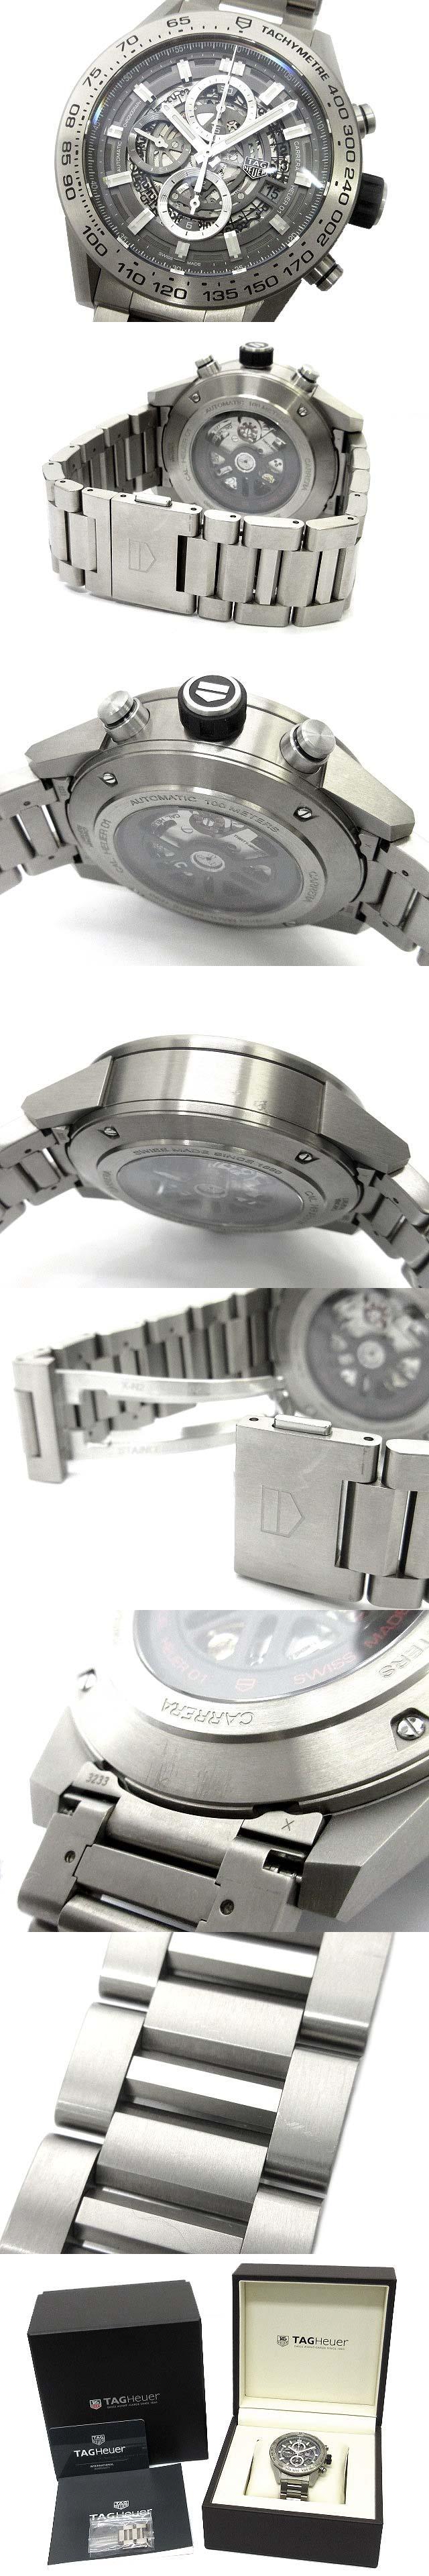 カレラ キャリバー ホイヤー01 グレーファントム チタン CAR2A8A.BF0707 メンズ 腕時計 クロノグラフ 自動巻き スケルトン